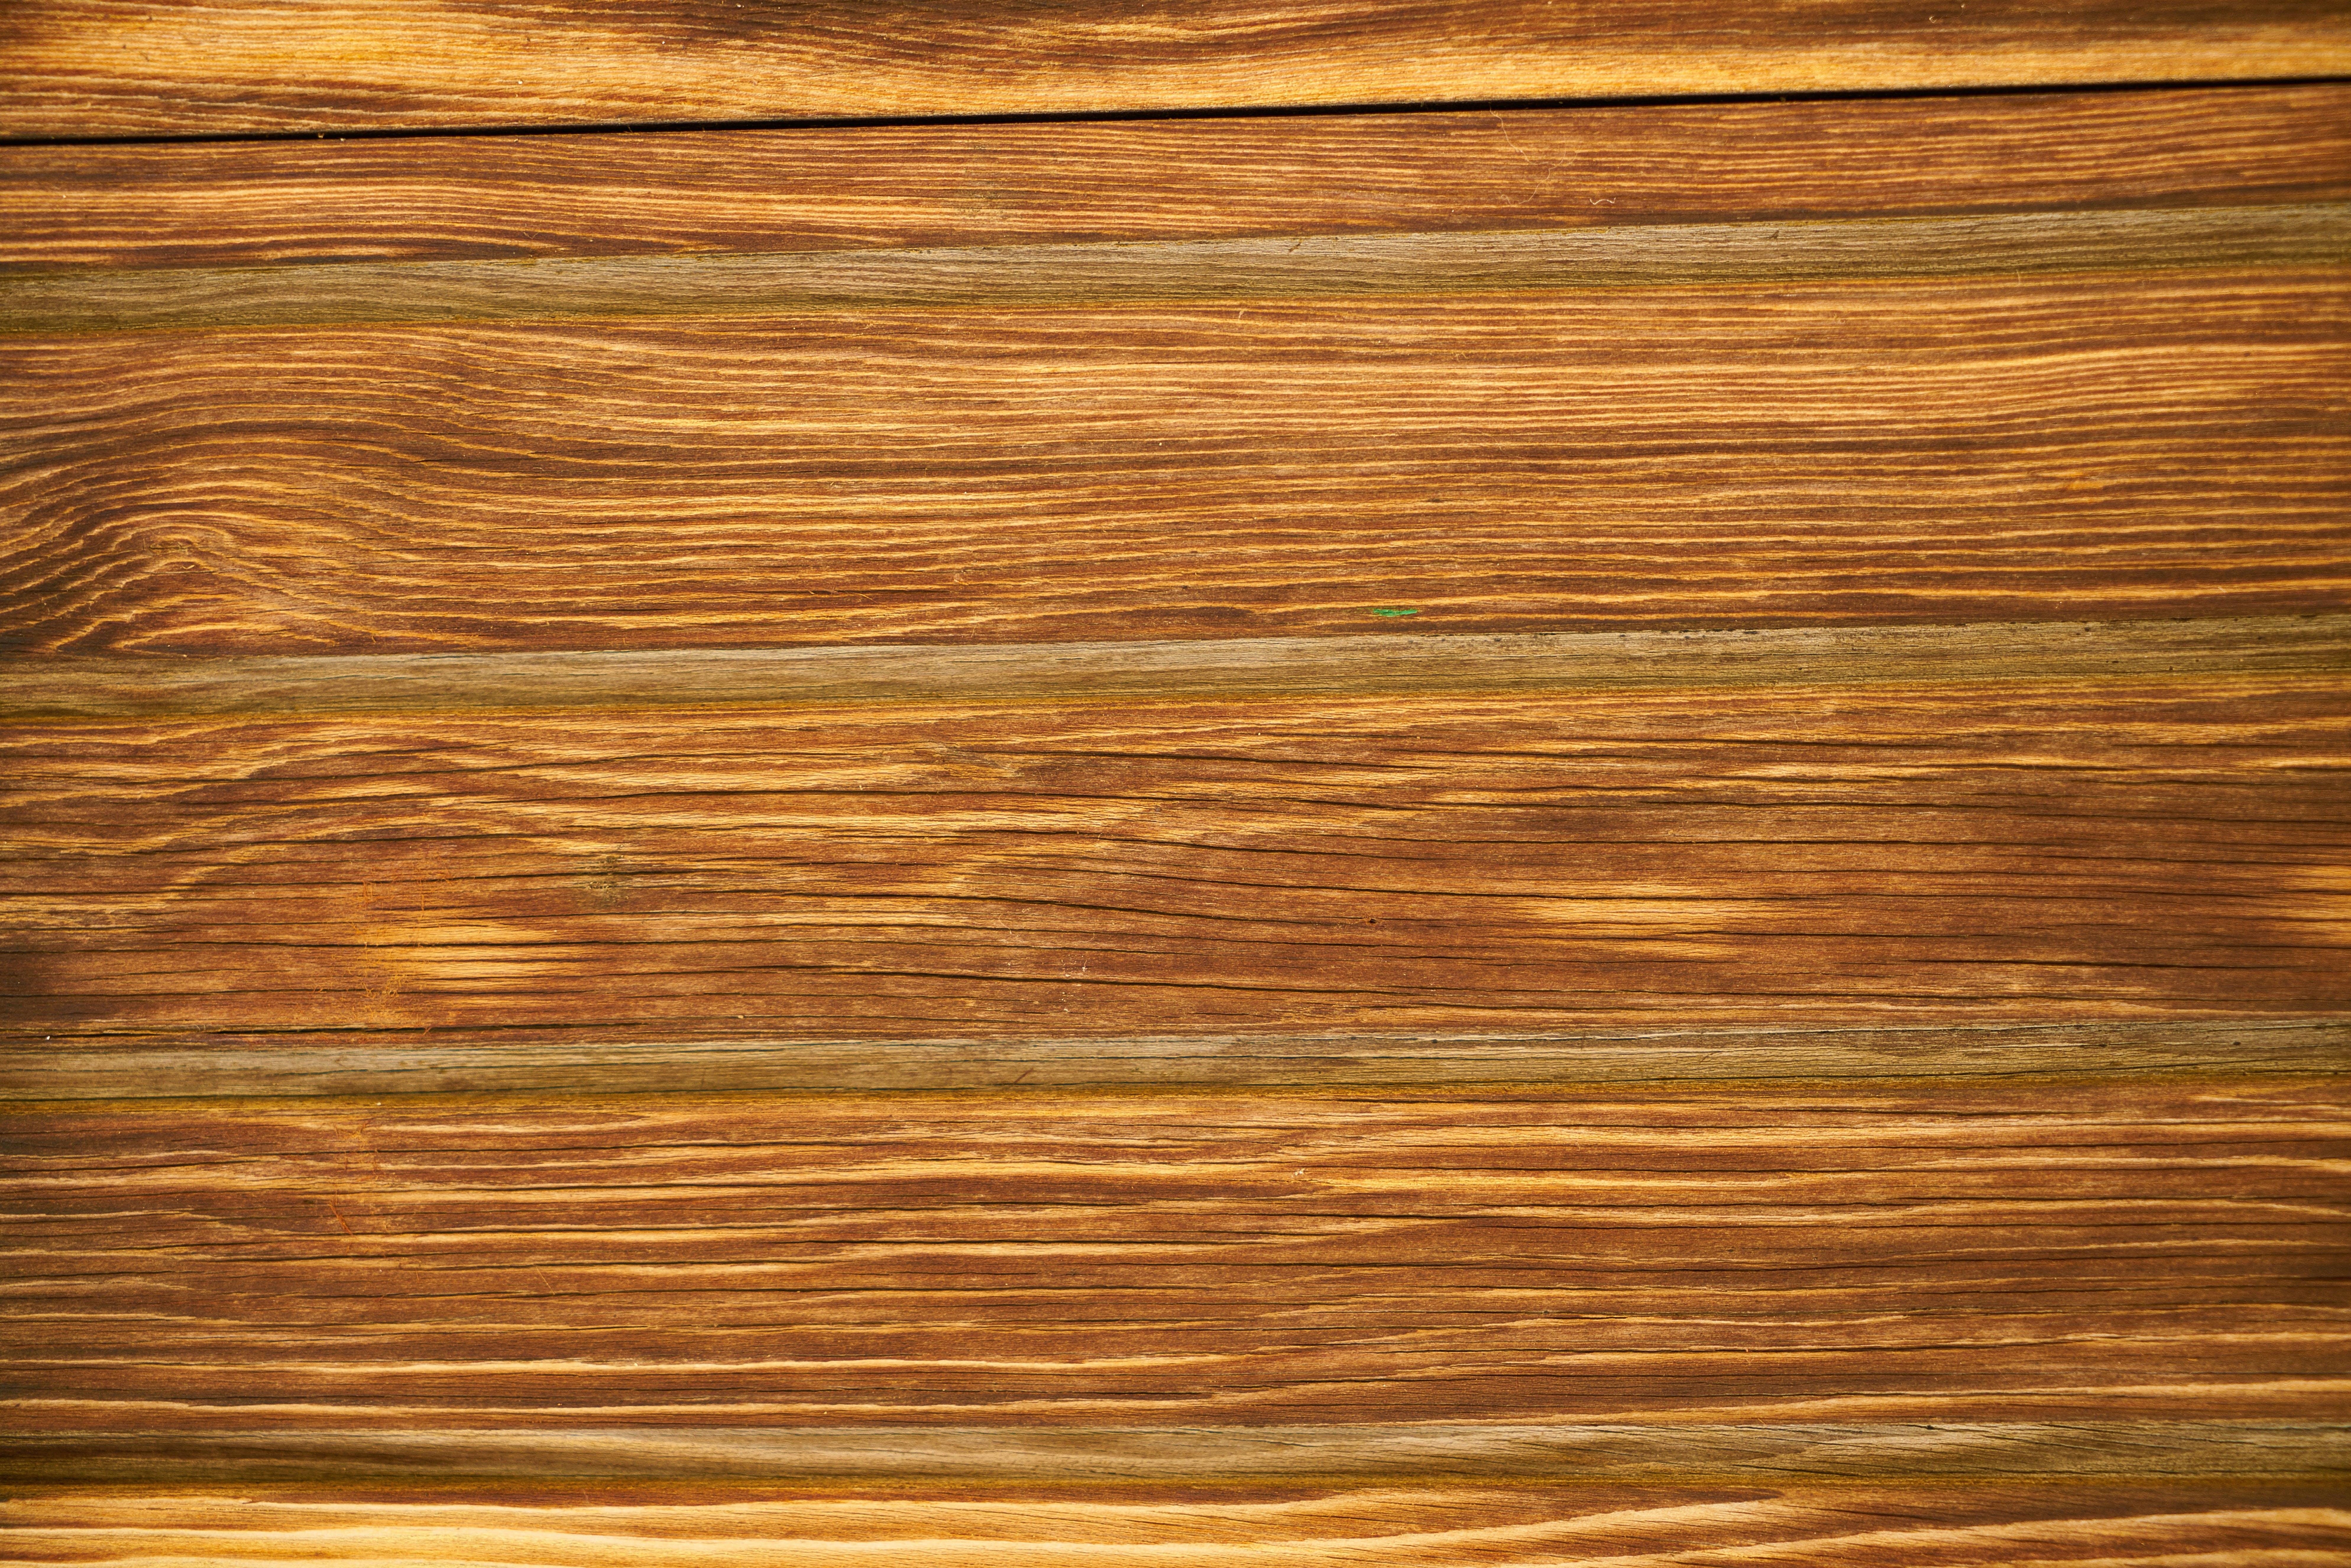 갈색, 나무, 디테일